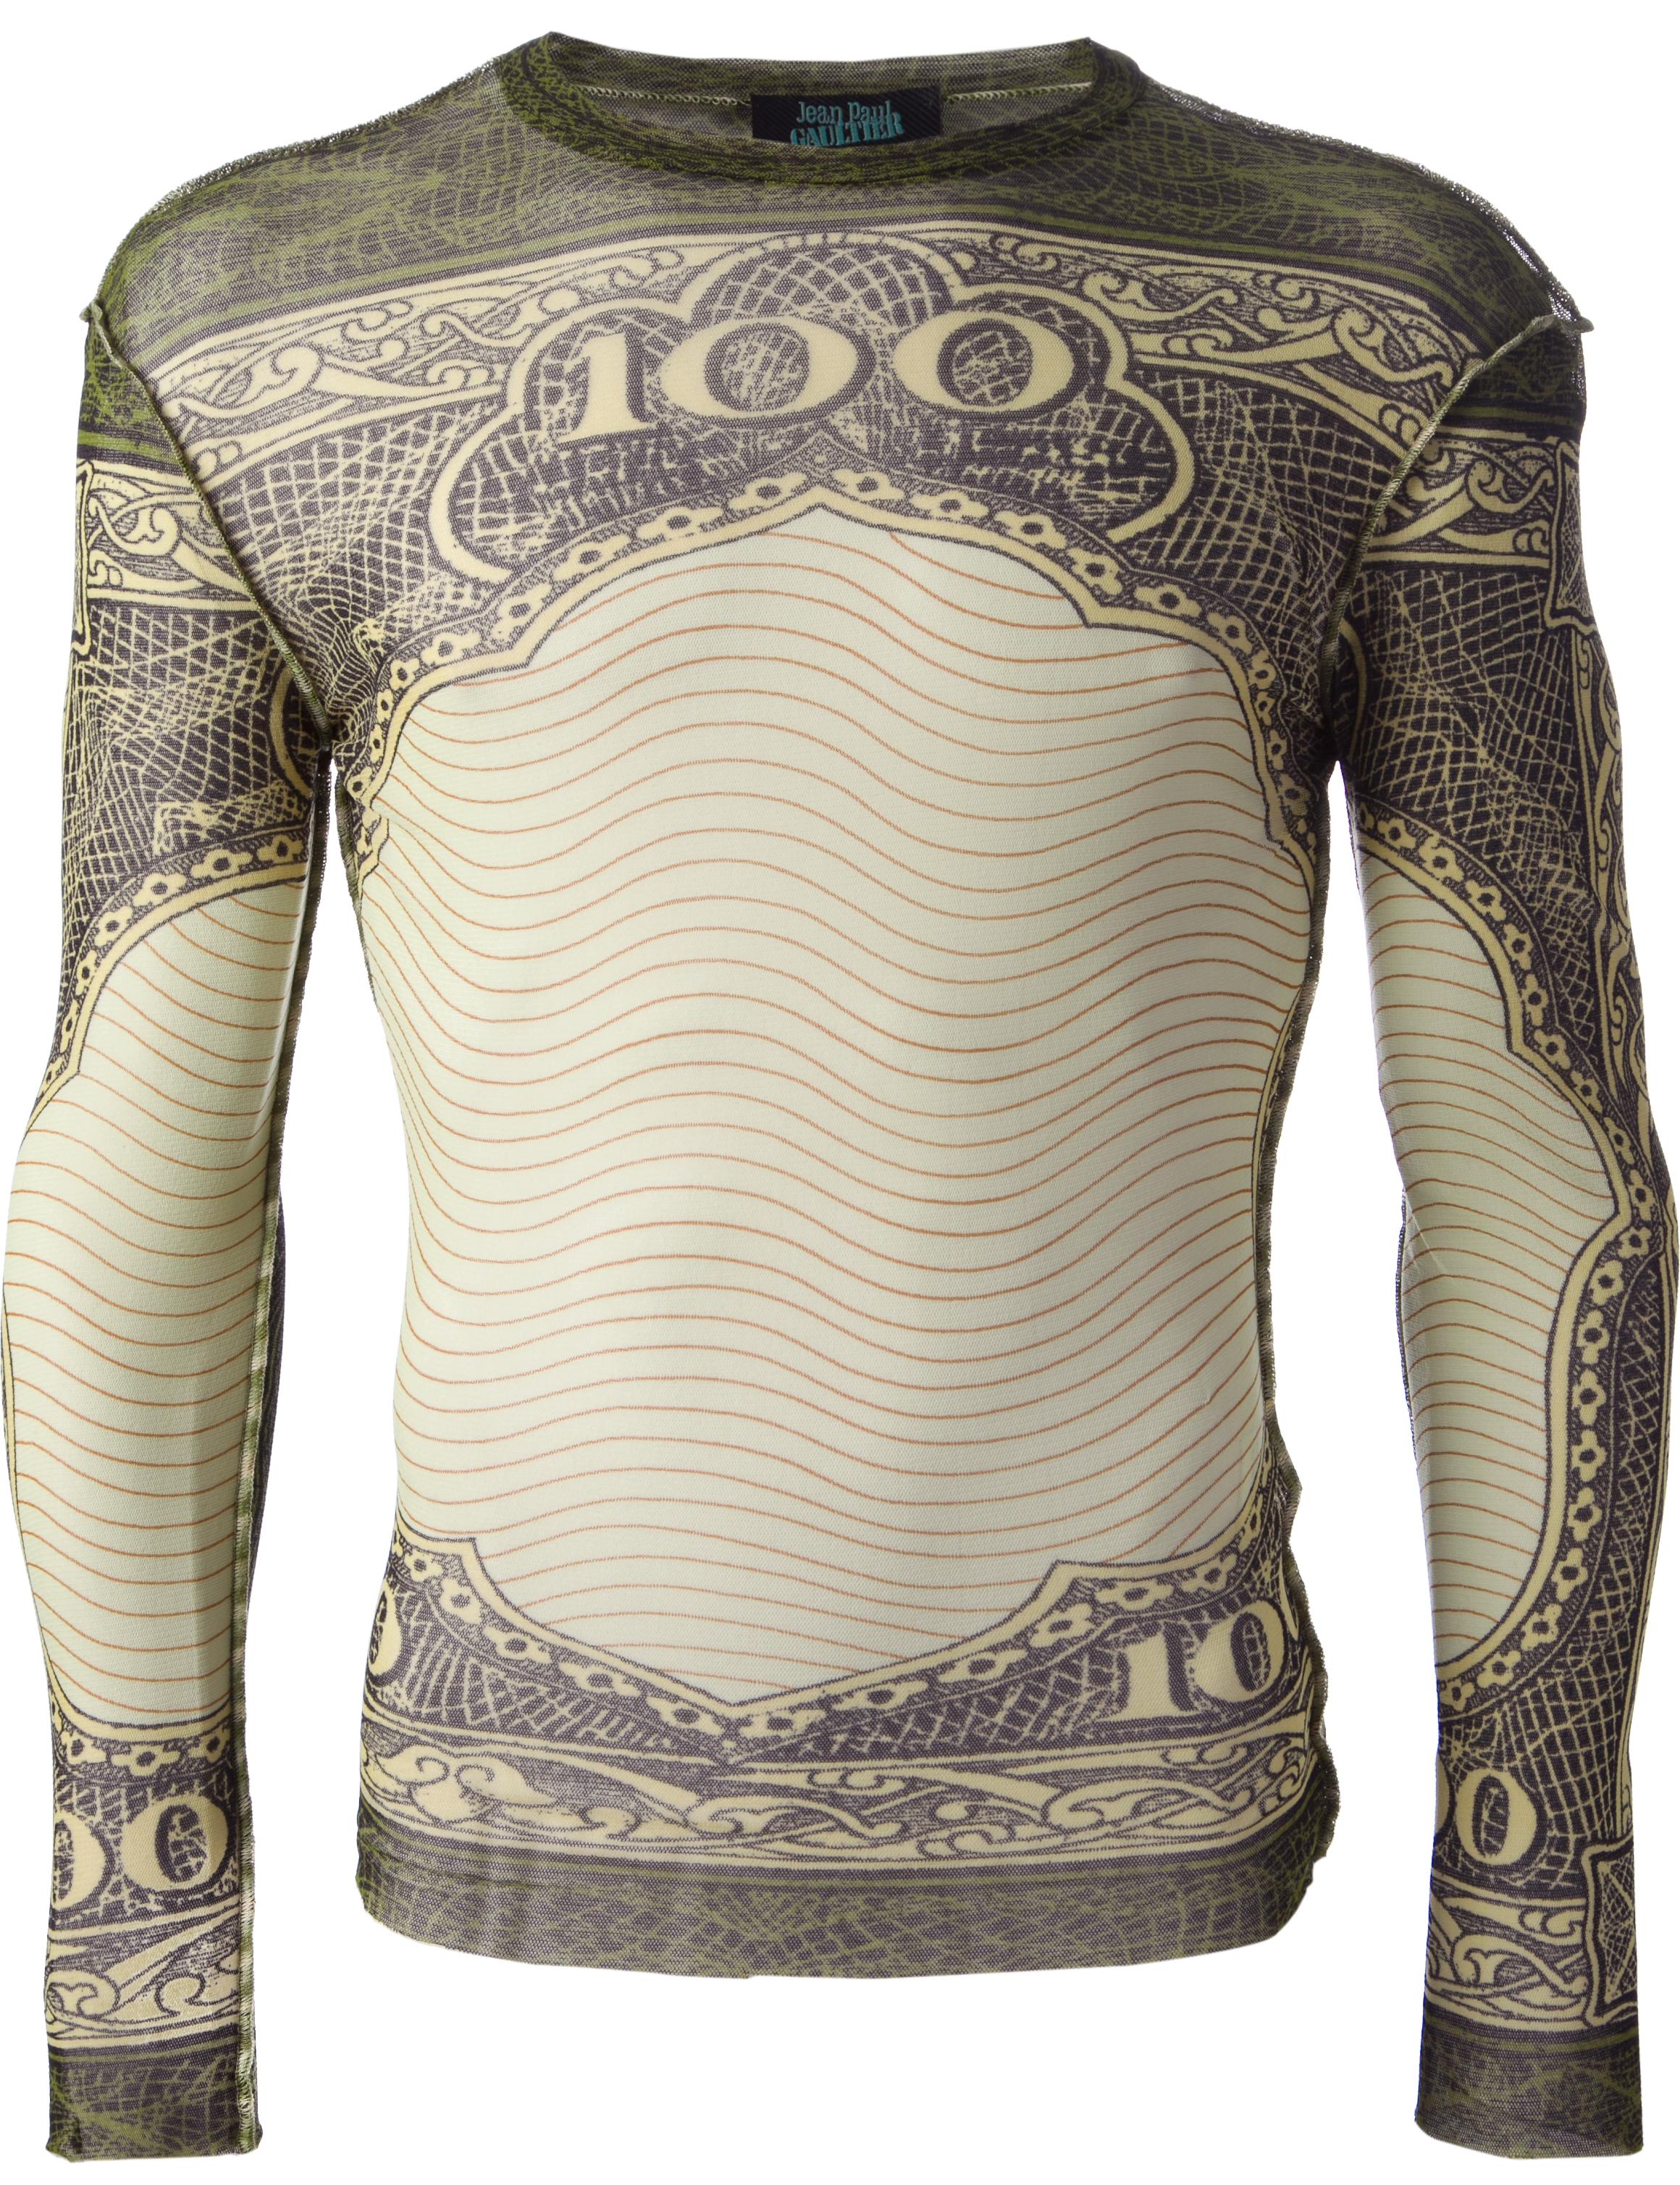 Jean Paul Gaultier dollar print mesh top from SS94 collection, La Brute et le Raffiné